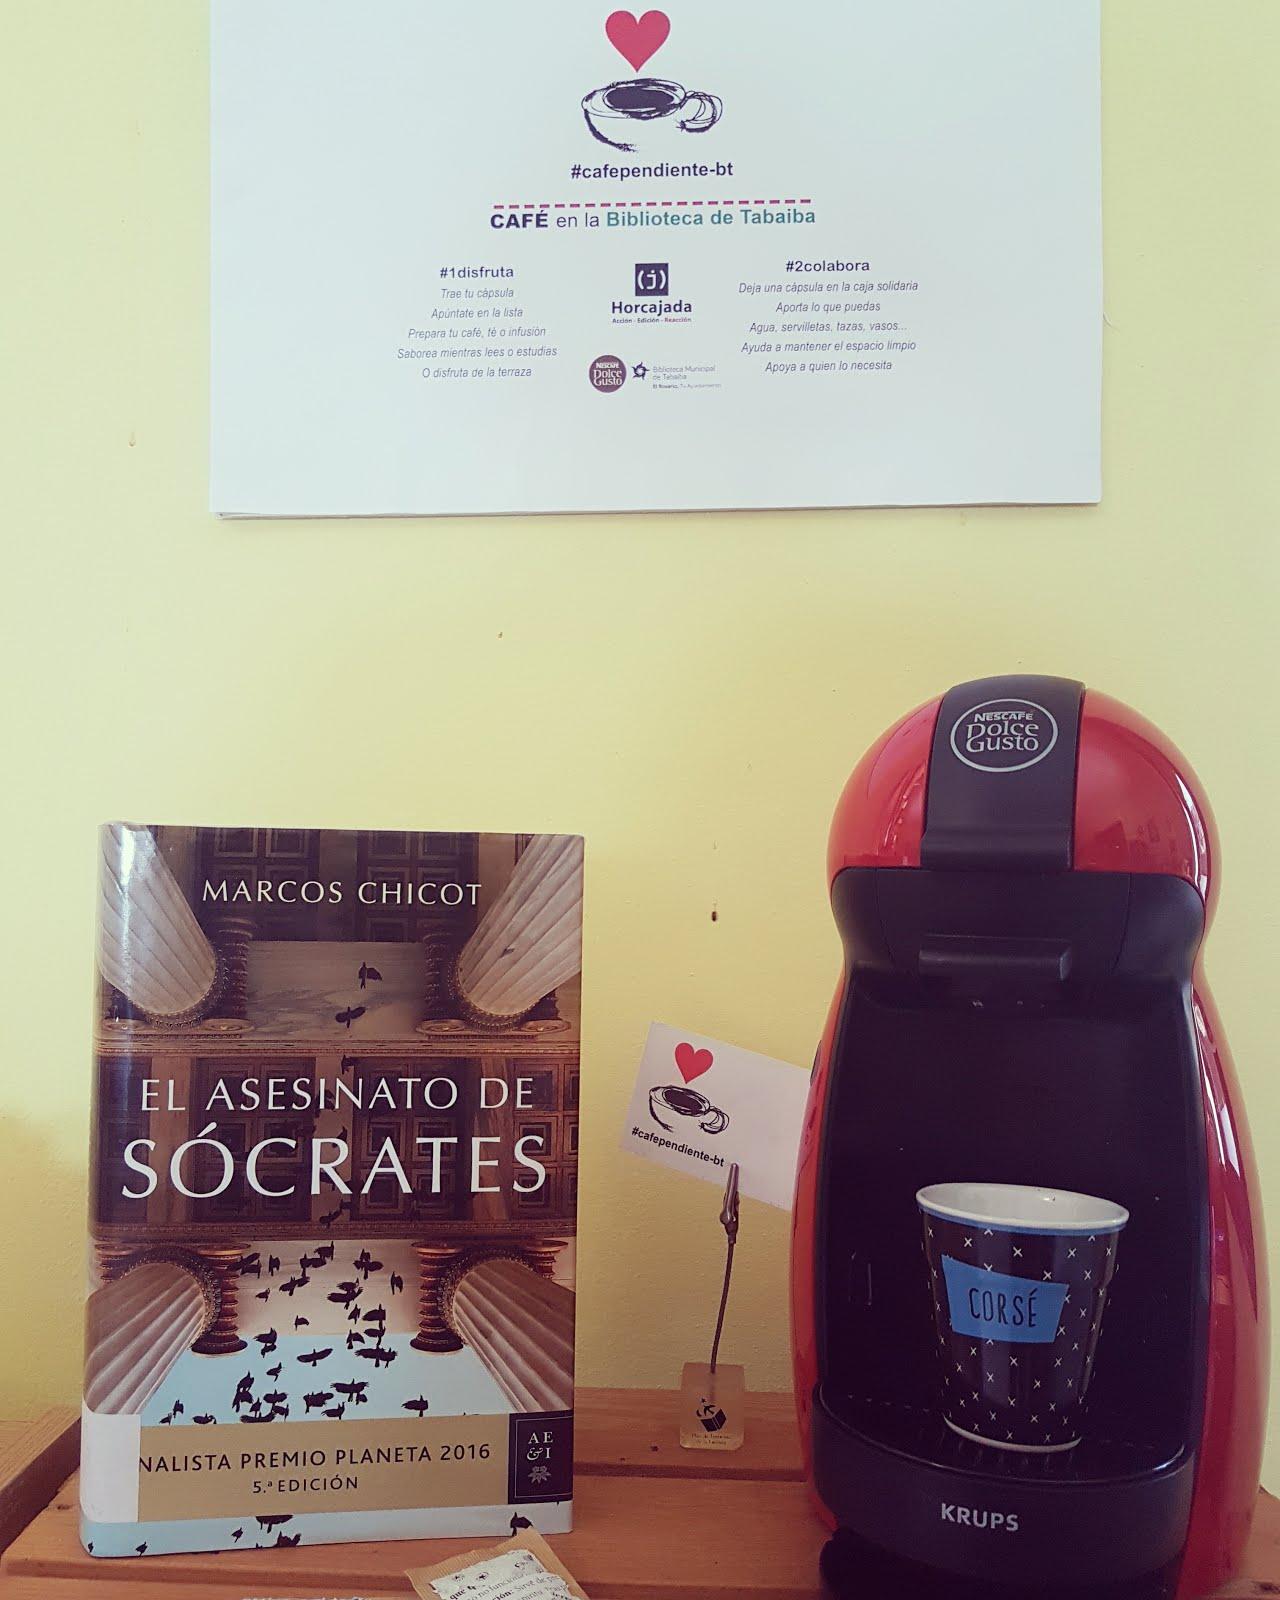 Café pendiente en la Biblioteca